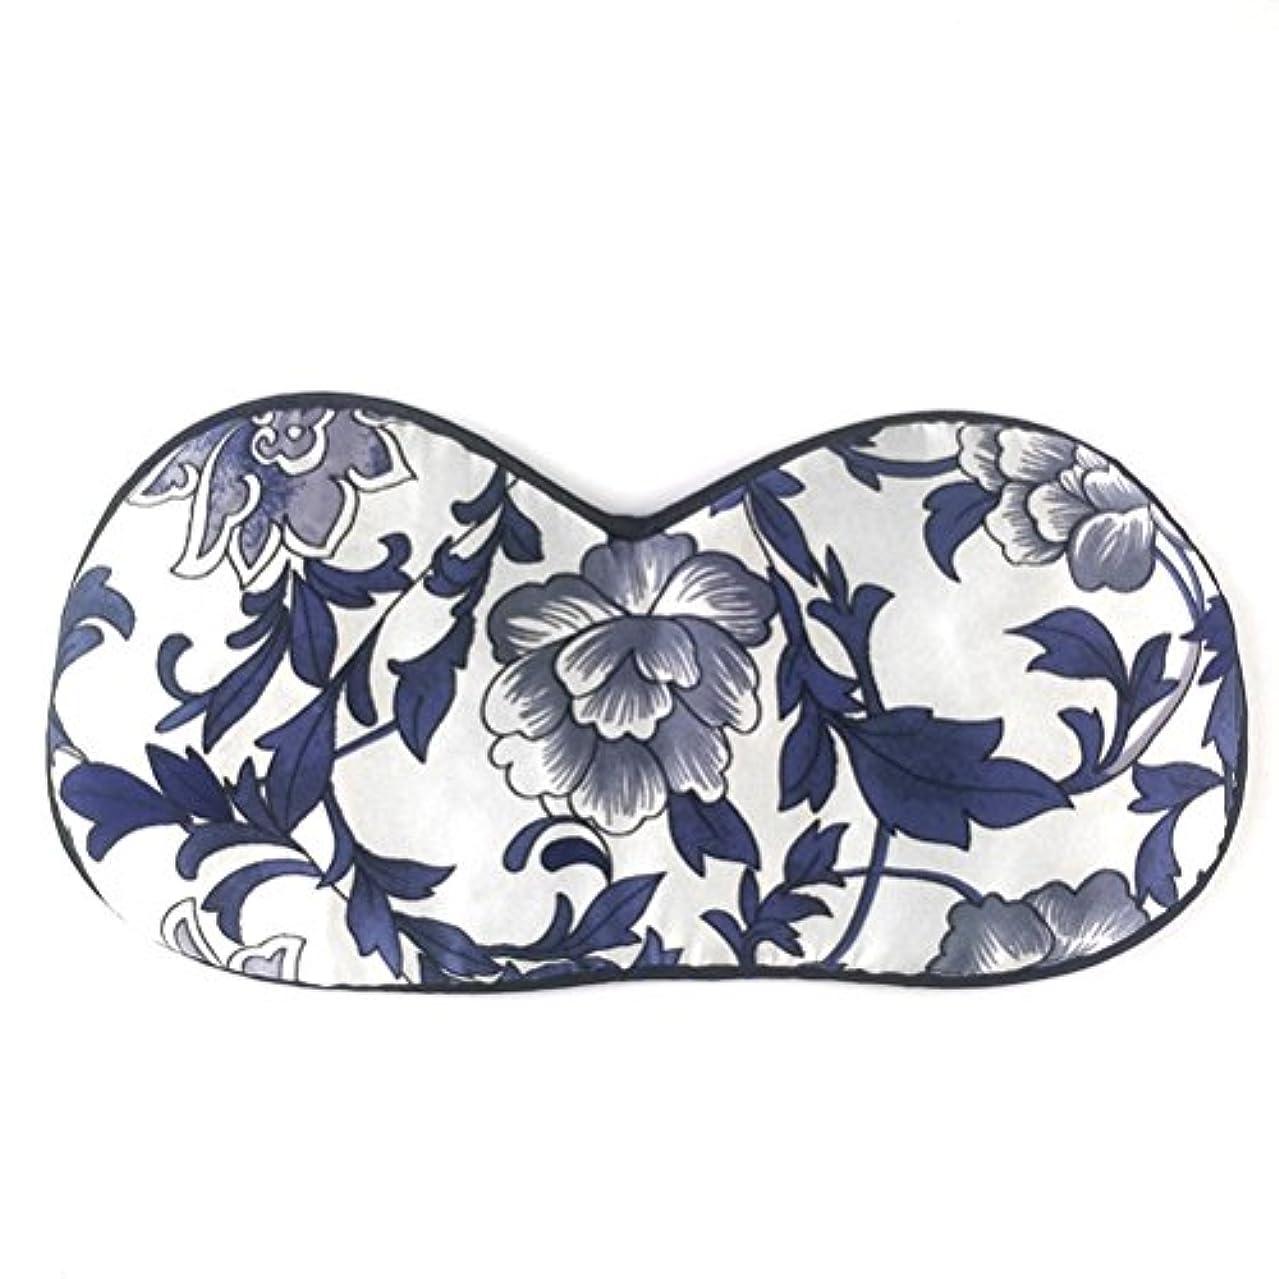 主権者不屈便益ULTNICE シルク睡眠の目のマスク目隠しのアイシャドウ女性のための睡眠の昼寝の瞑想(青と白の磁器)